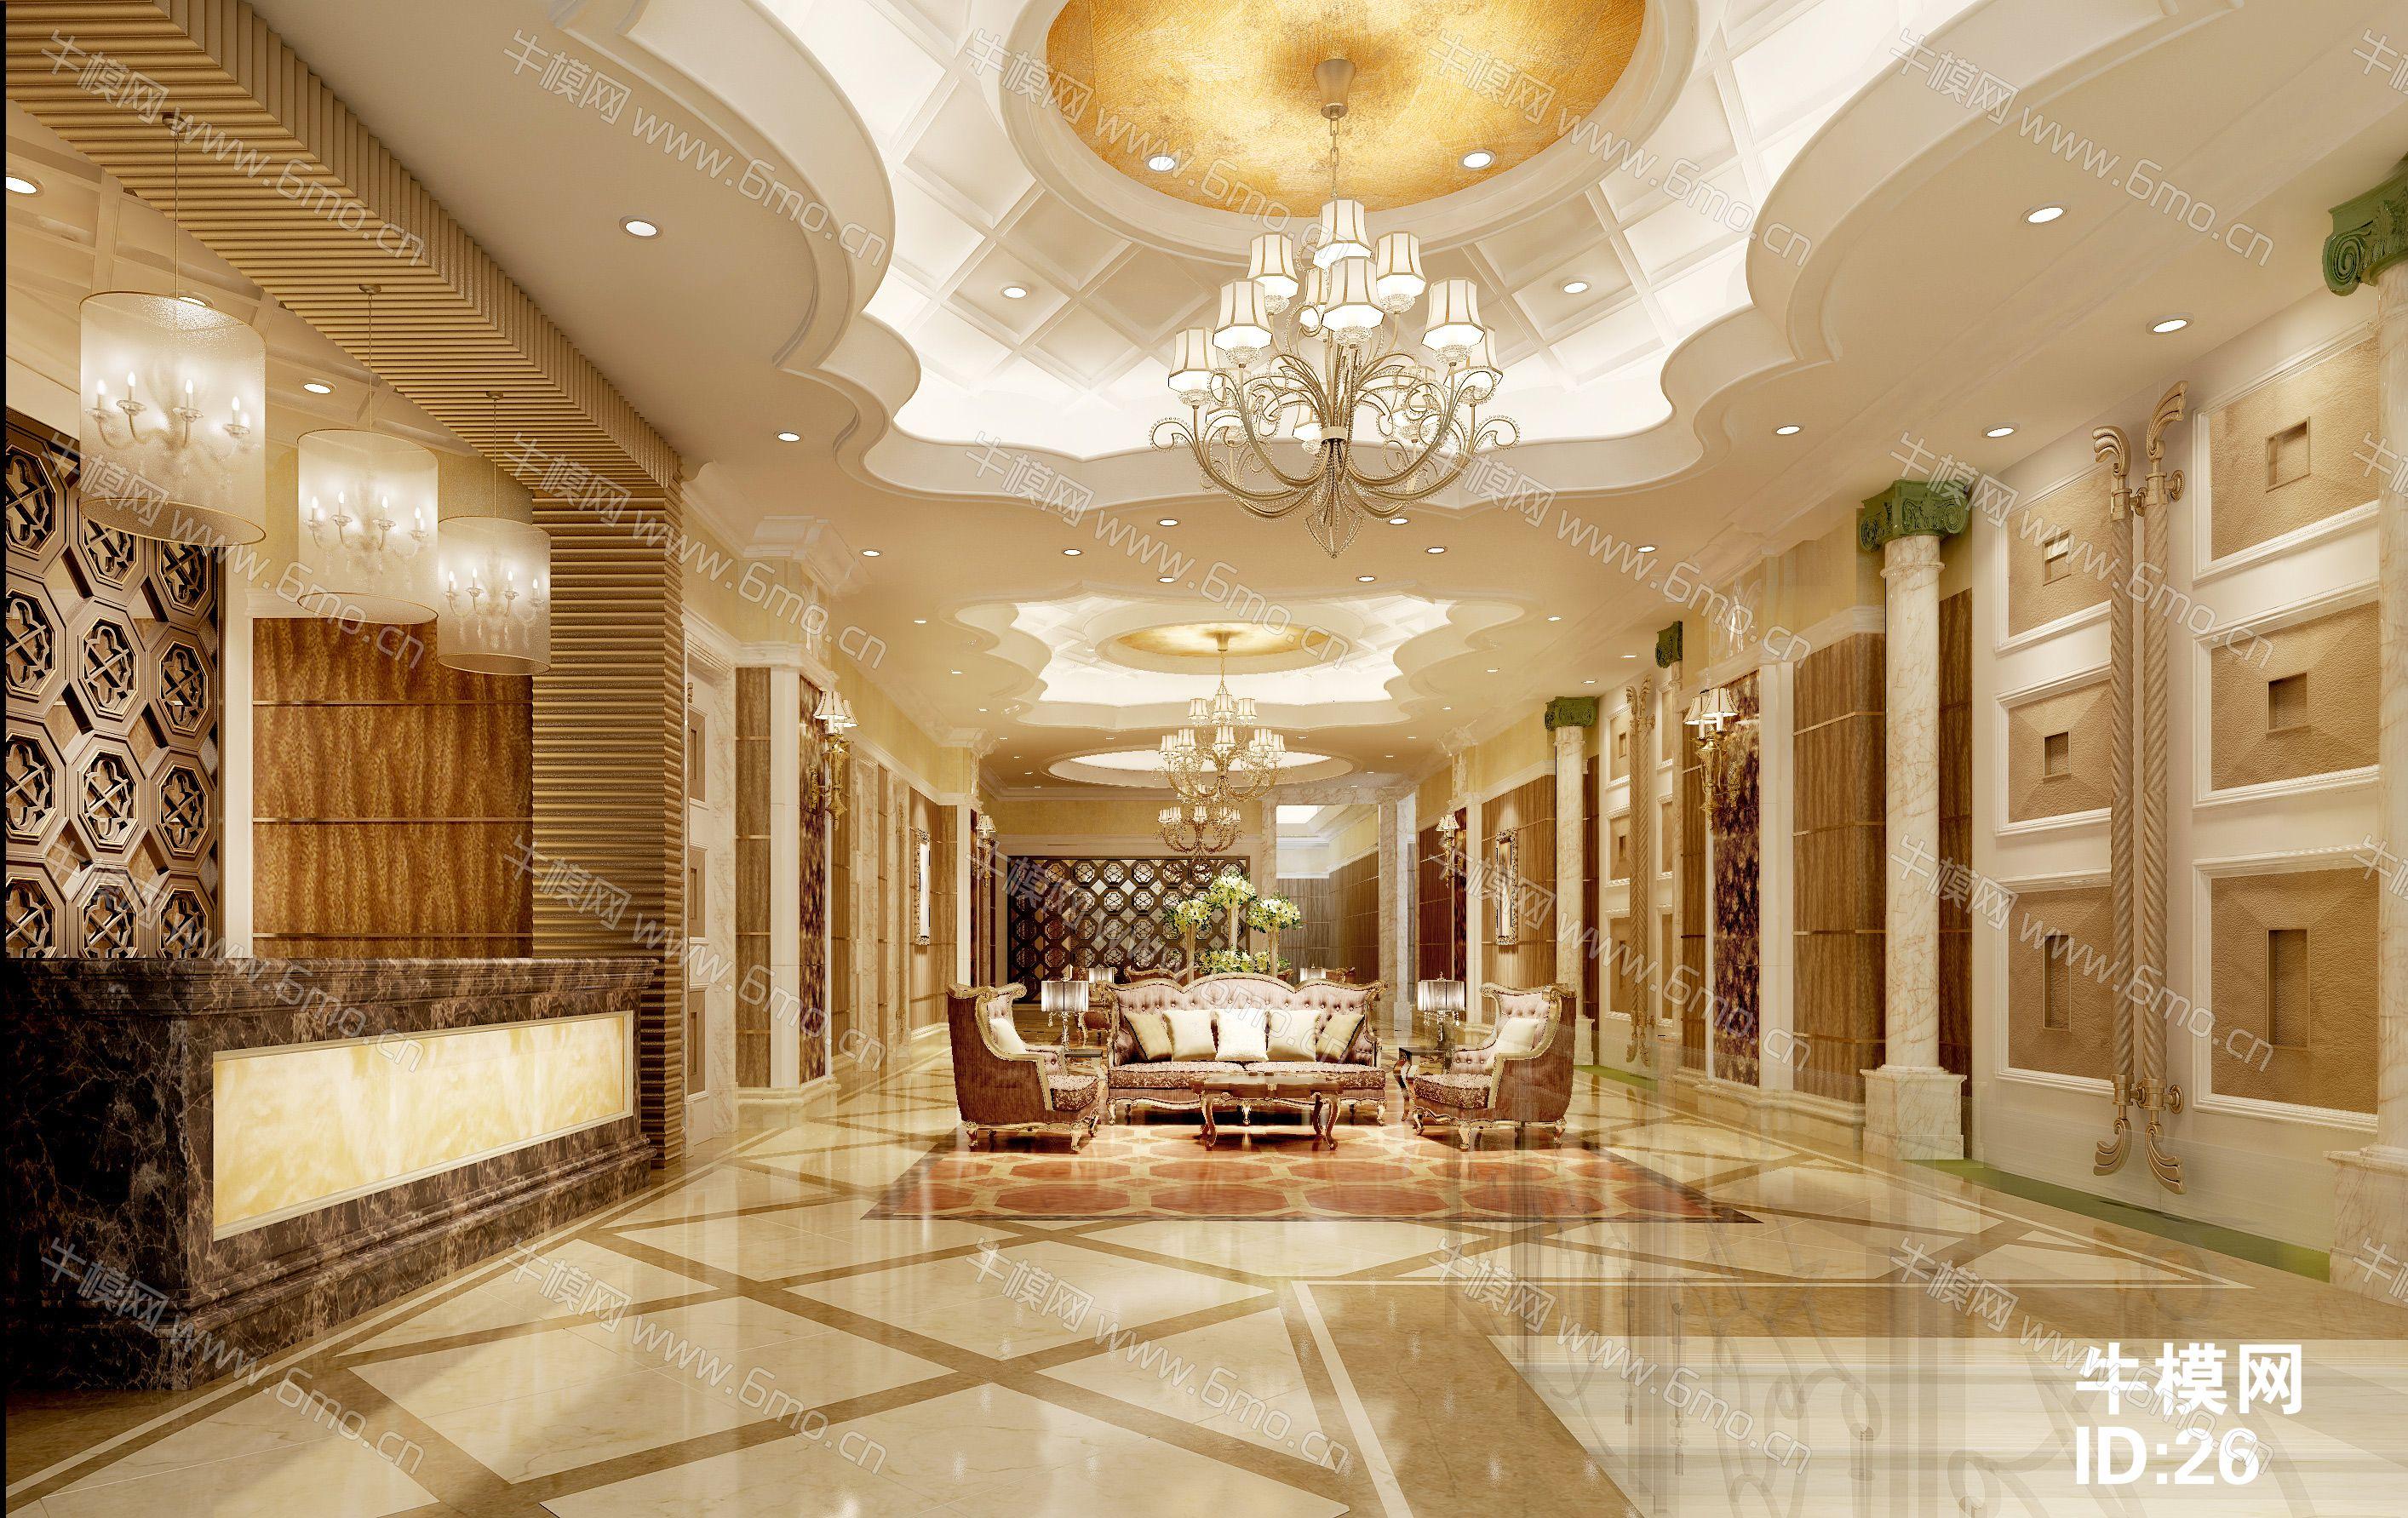 宾馆大厅前台+休息区+效果图